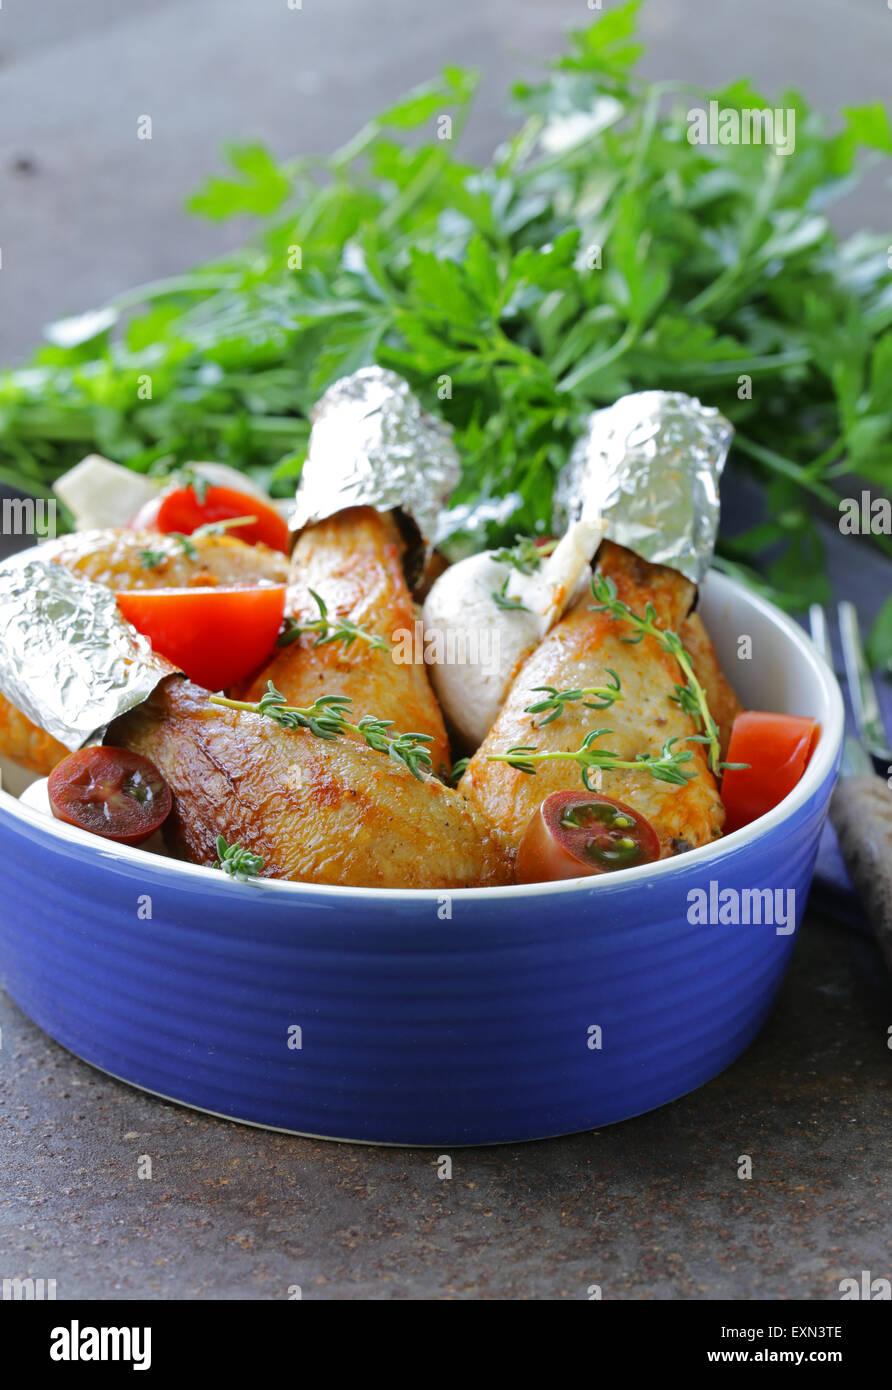 Piernas de pollo frito con hierbas y especias, verduras para decorar Foto de stock